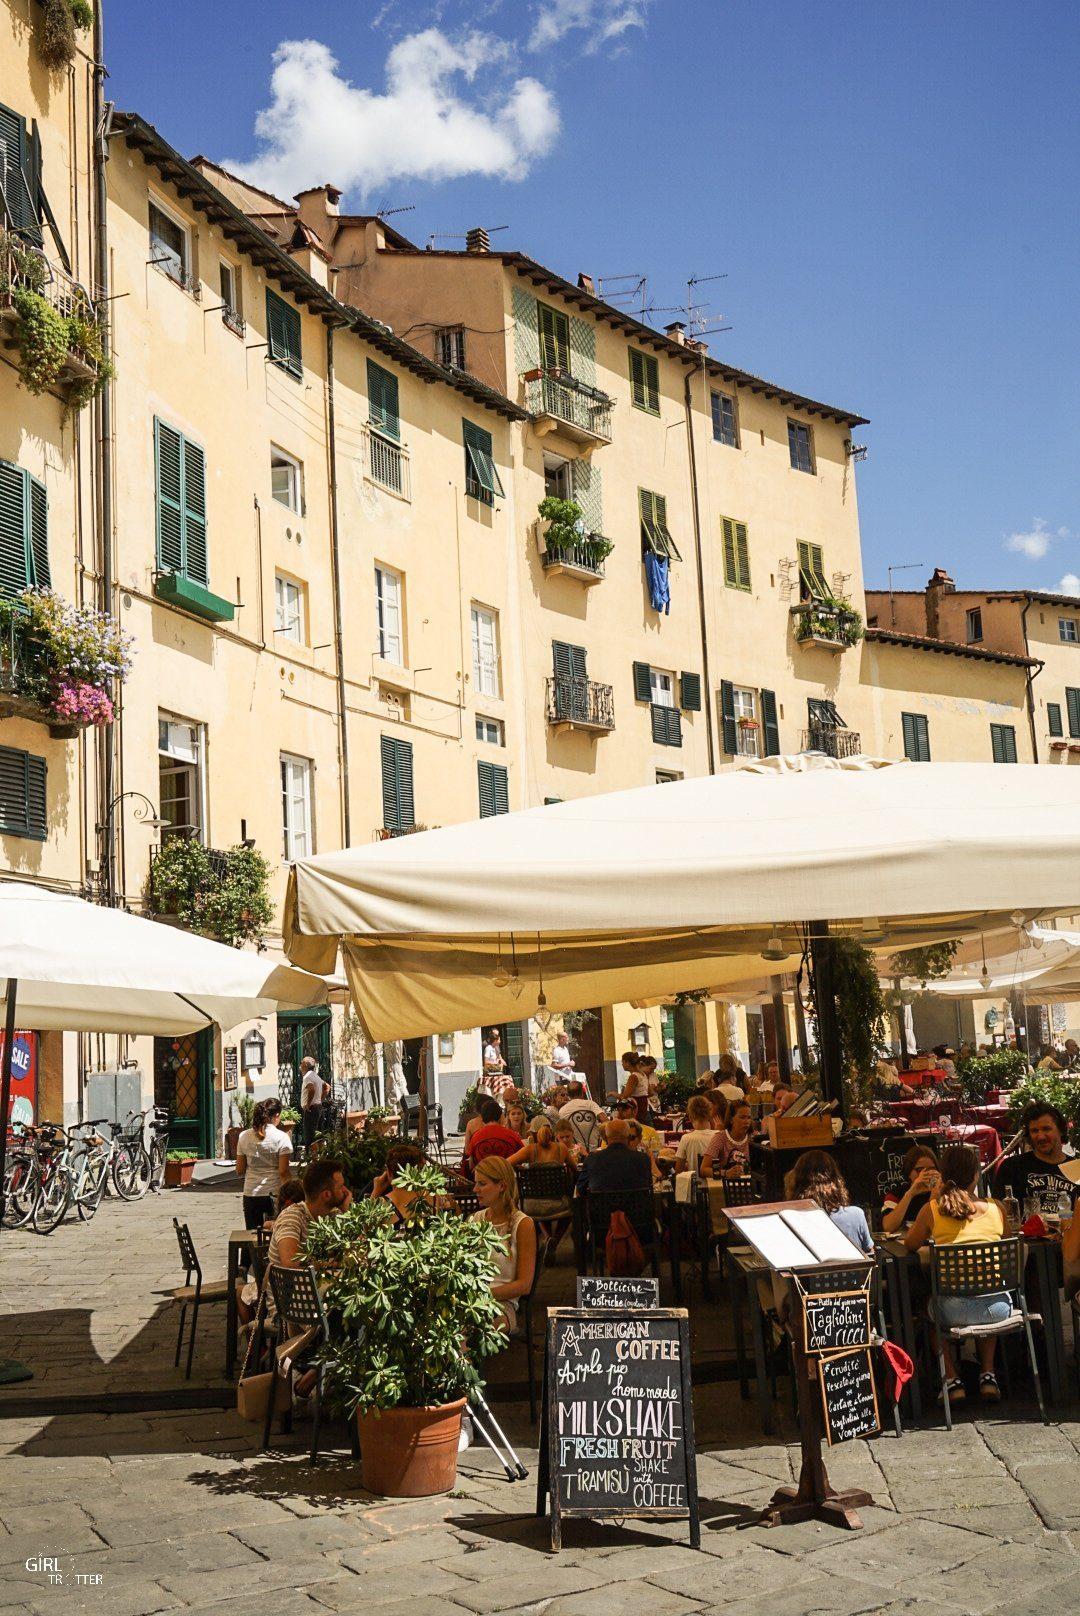 Lucca plazza anfiteatro - Lucques place de l'amphithéâtre Italie